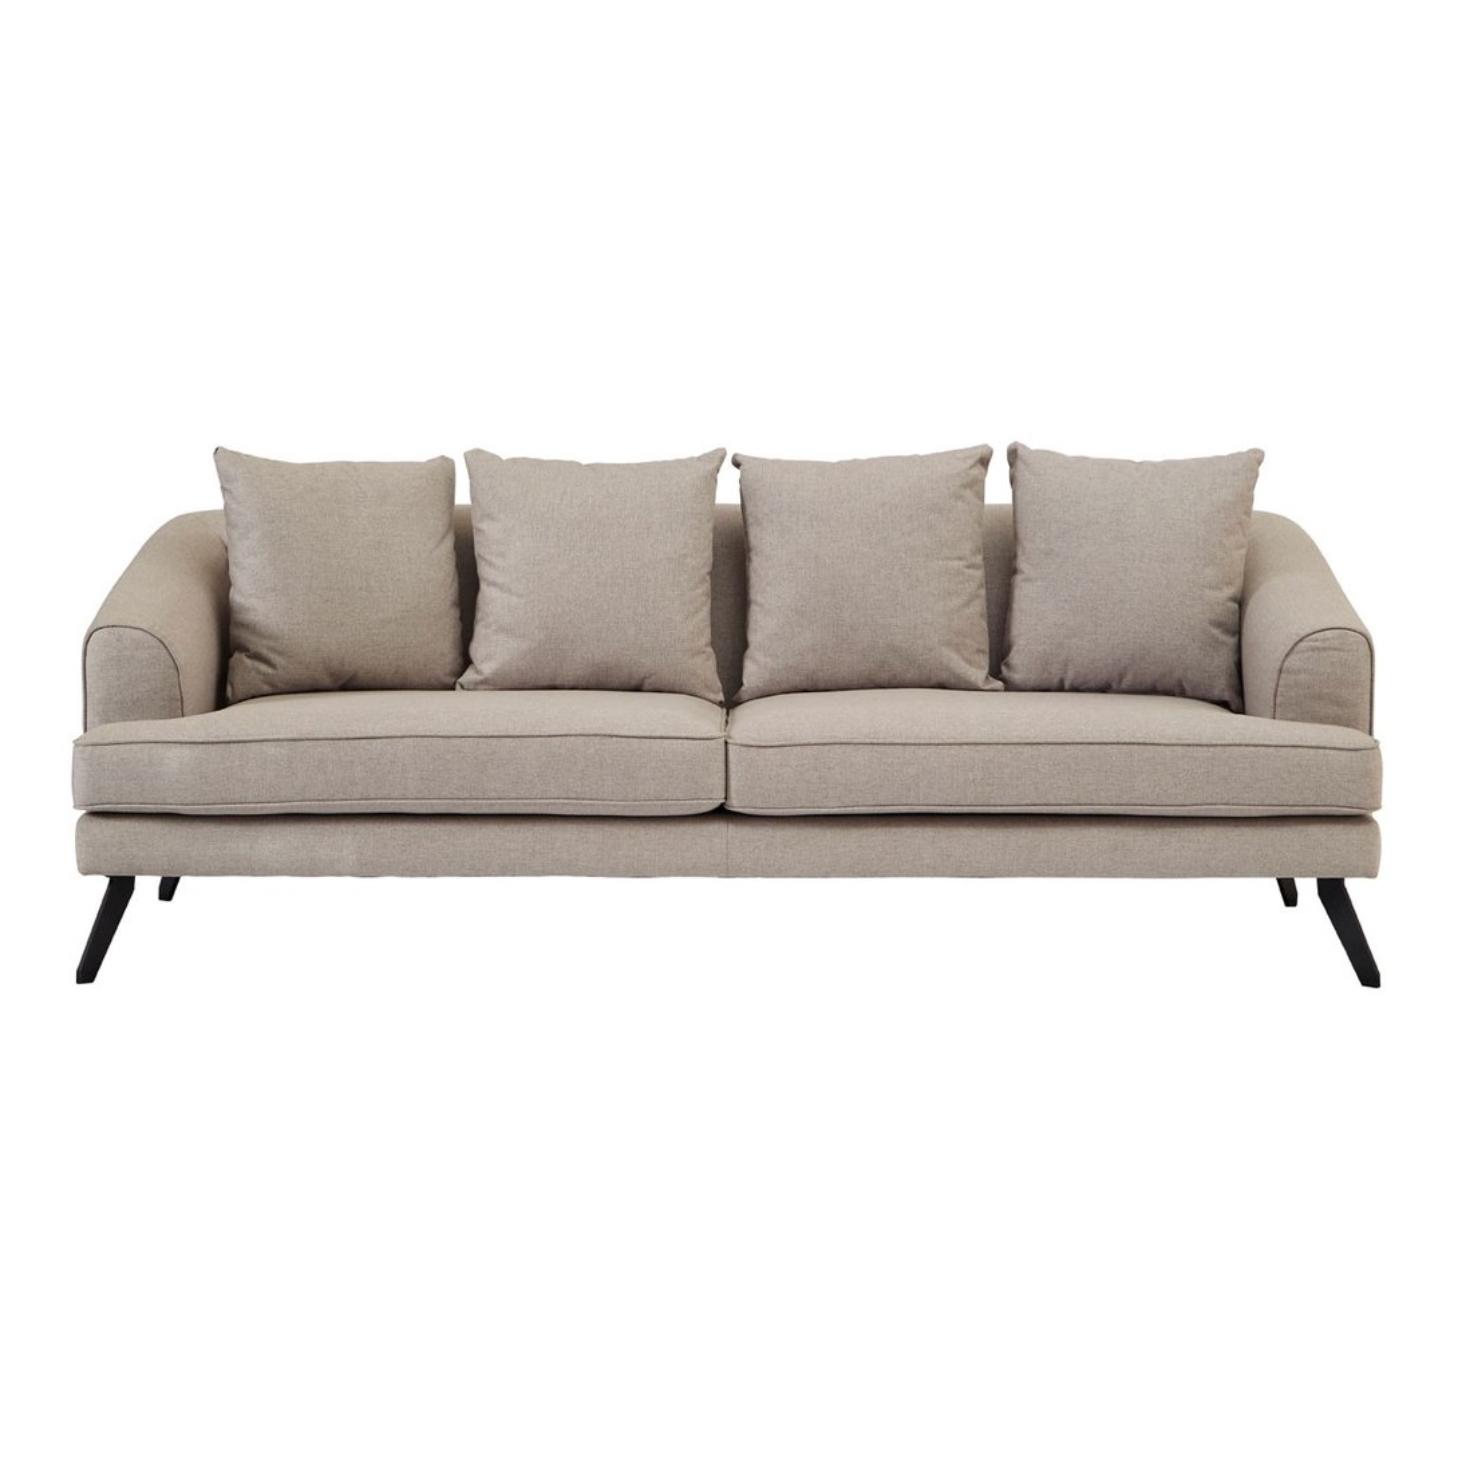 Haye's Modern Sofa